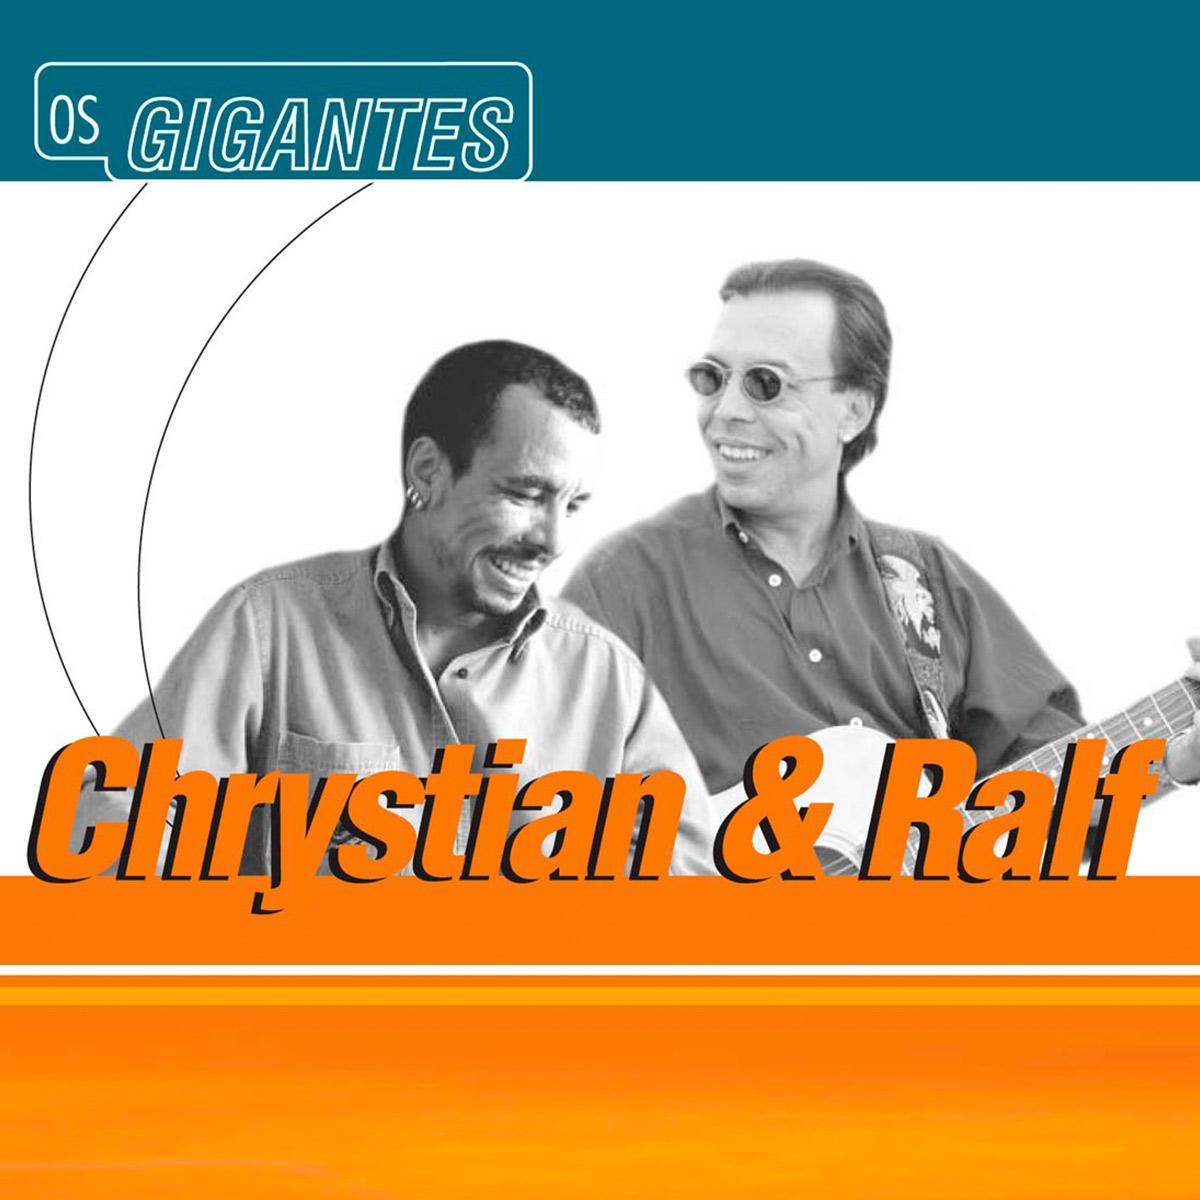 CD Chrystian & Ralf Série Os Gigantes